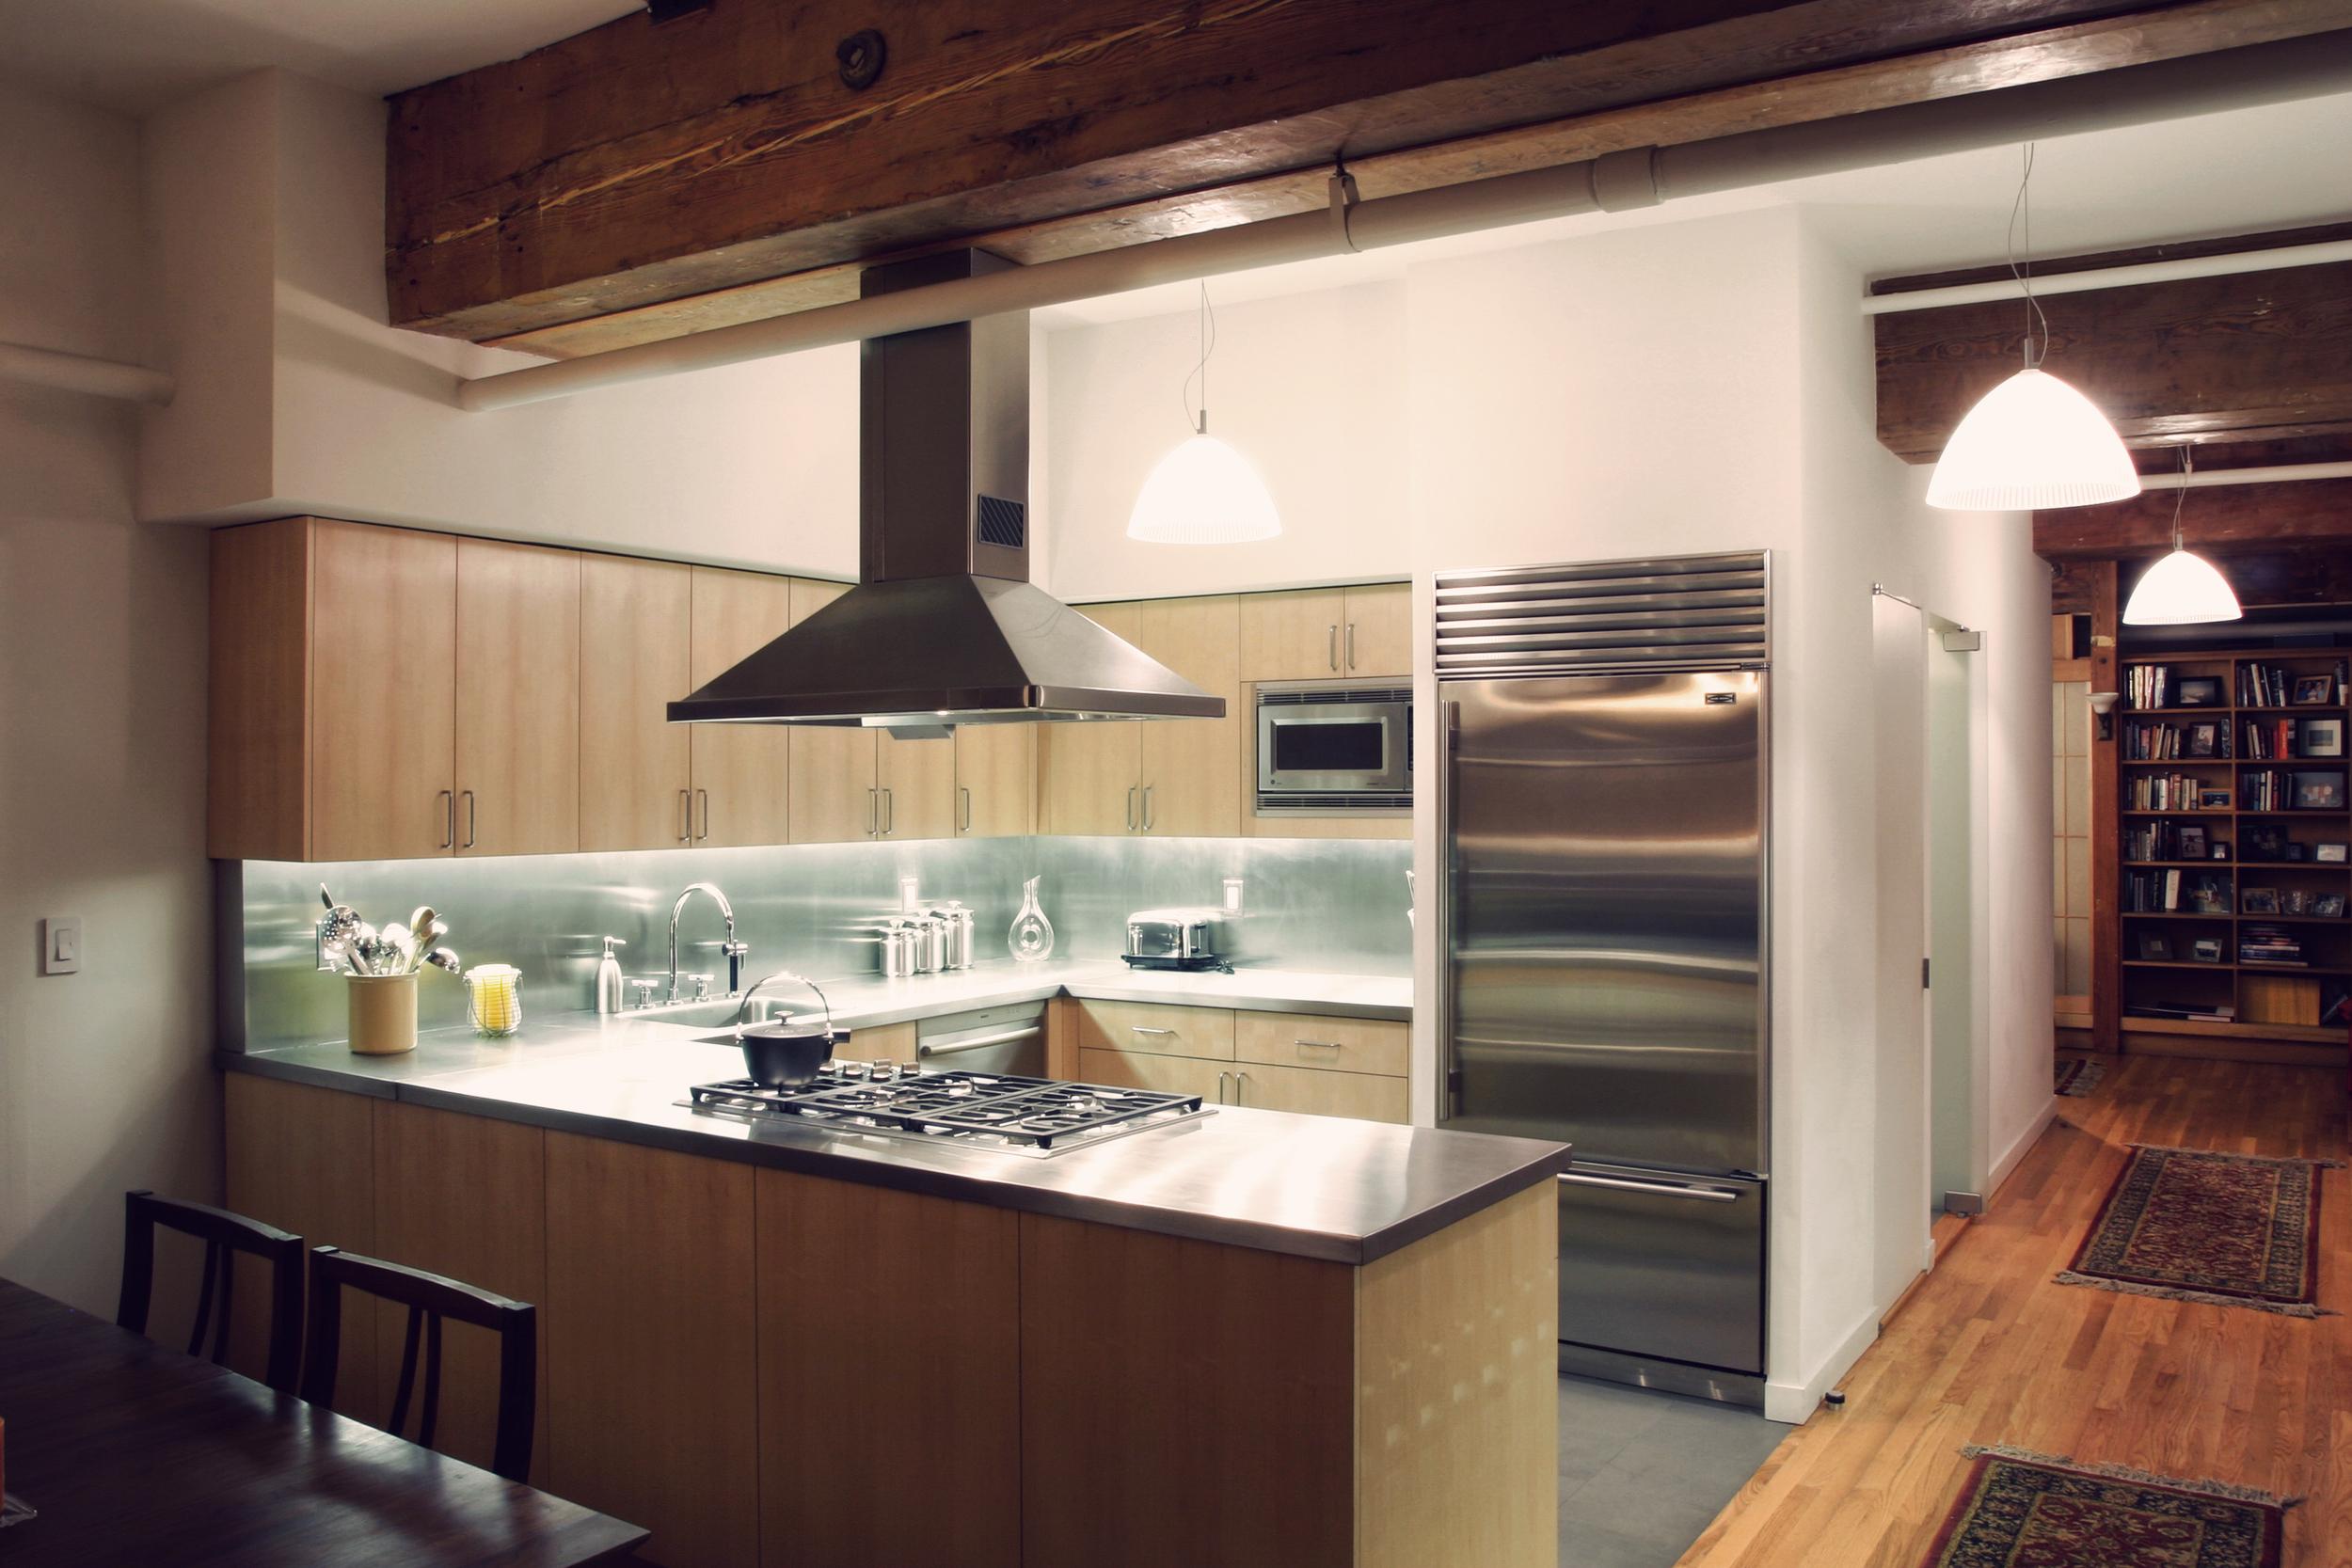 R kitchen b.jpg